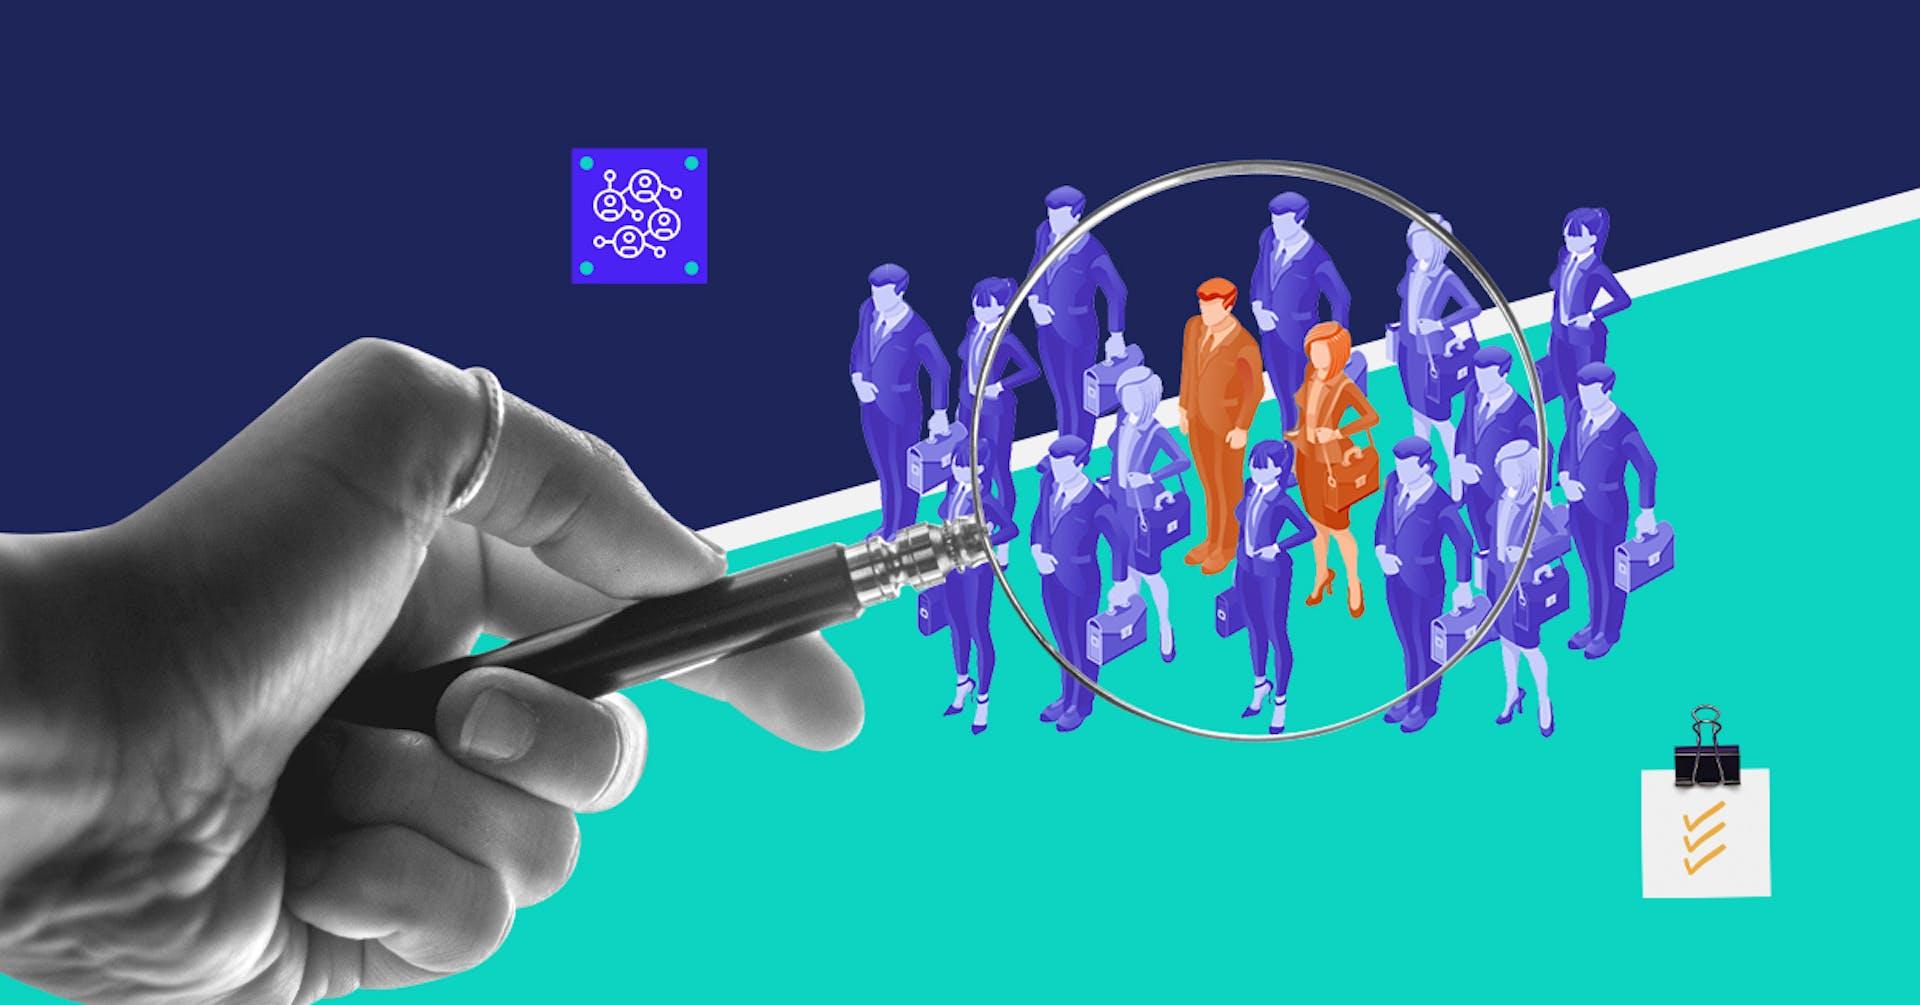 ¿Qué es clusterización? ¡Conoce a detalle a tus clientes!